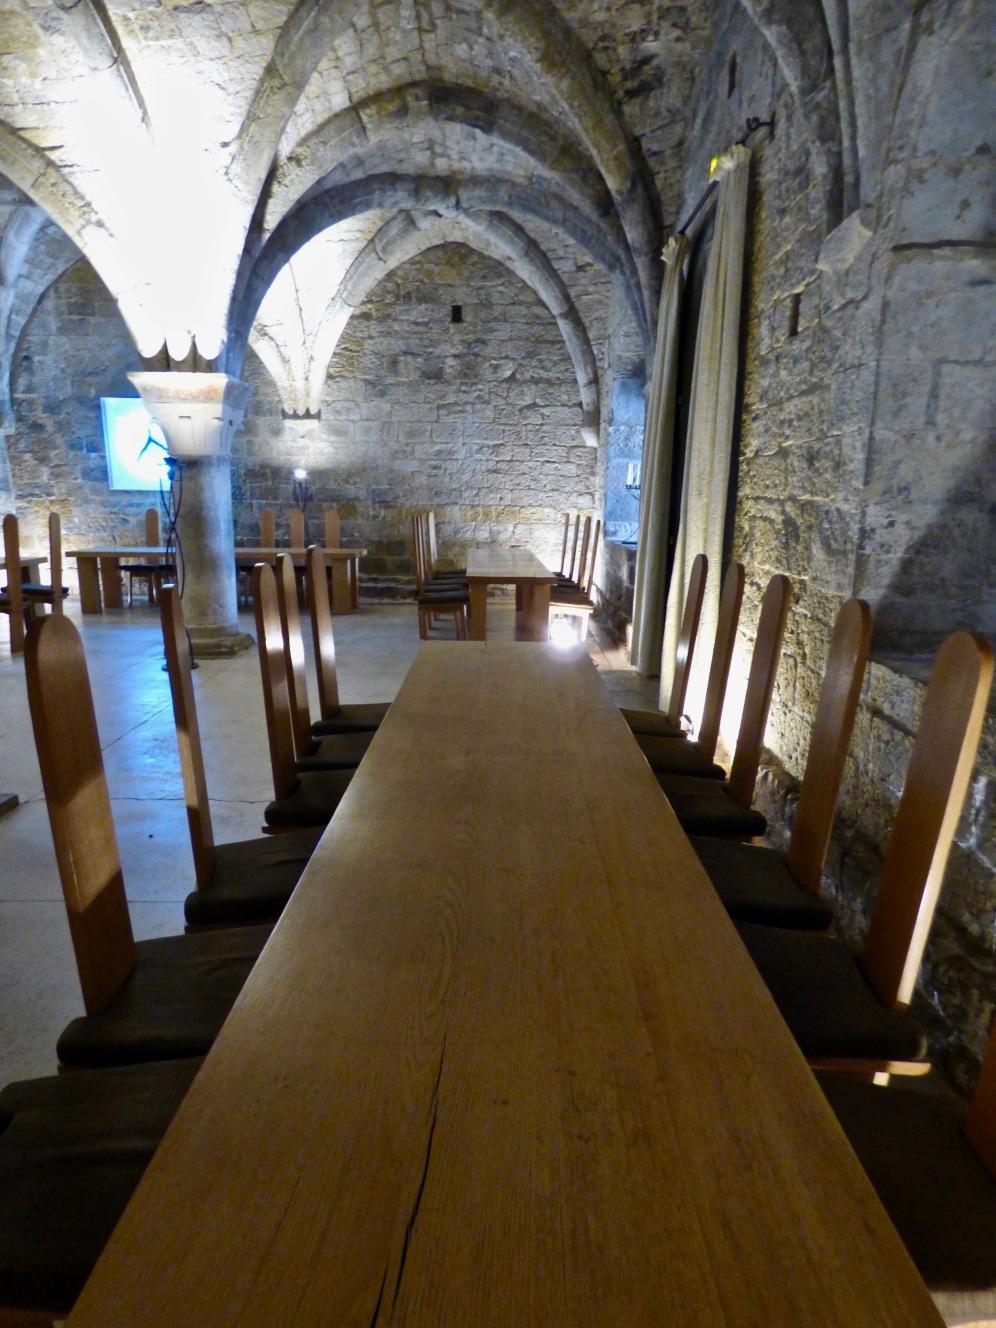 La salle privatisable Capitulaire : salle Bénédictine voûtée du XIIème siècle ©lepetitlugourmand